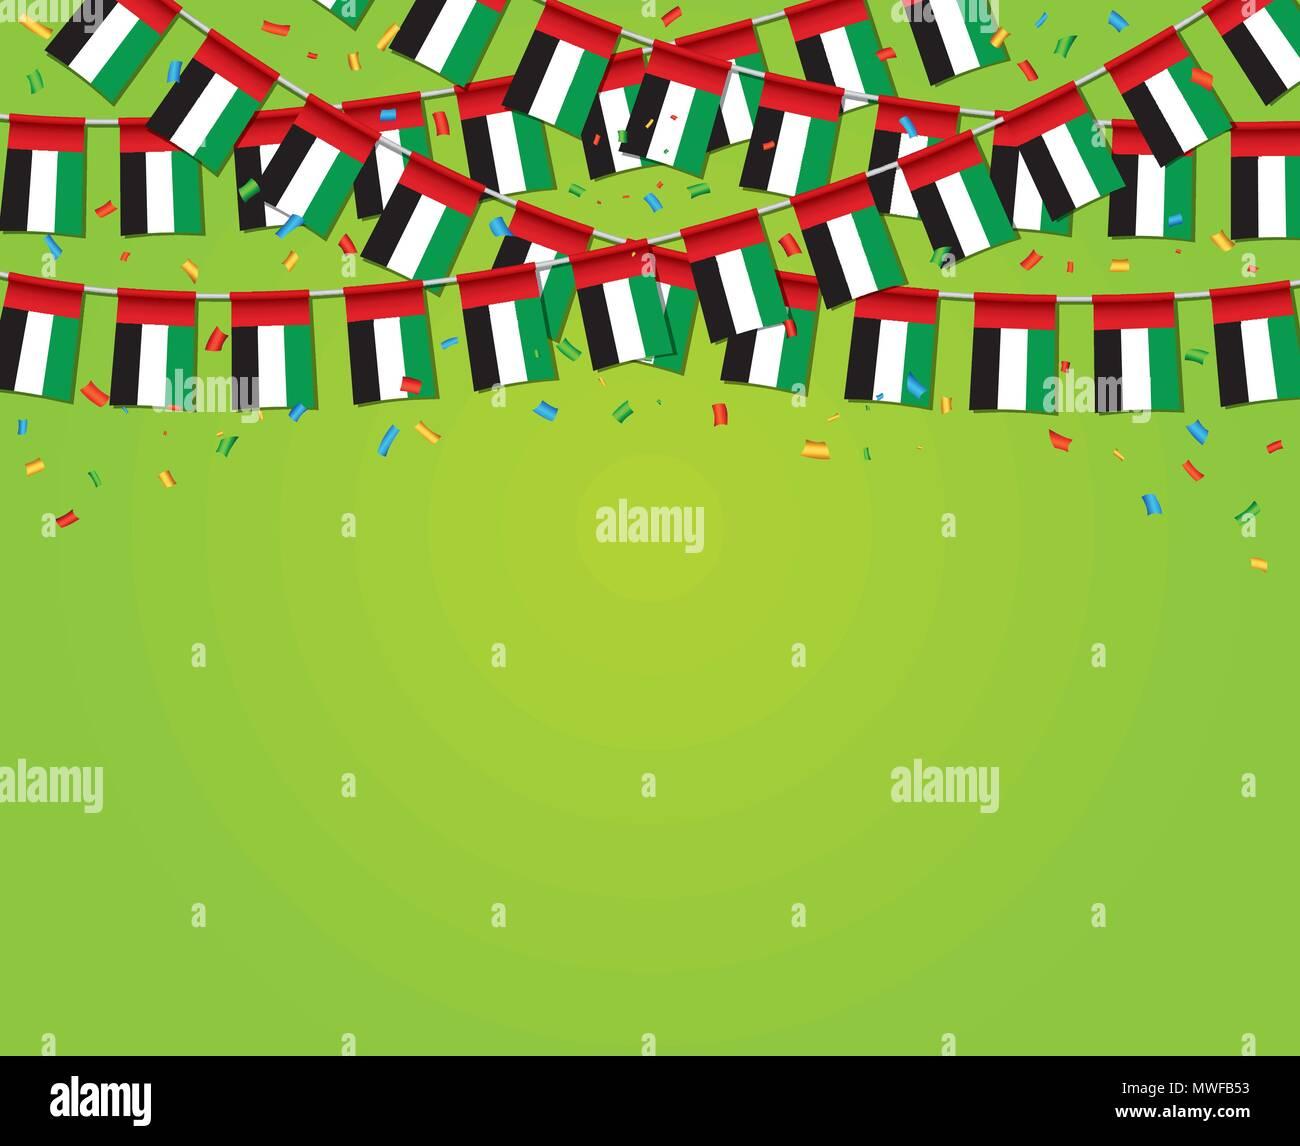 Garland EAU banderas con fondo verde Plantilla Banner, colgando ...